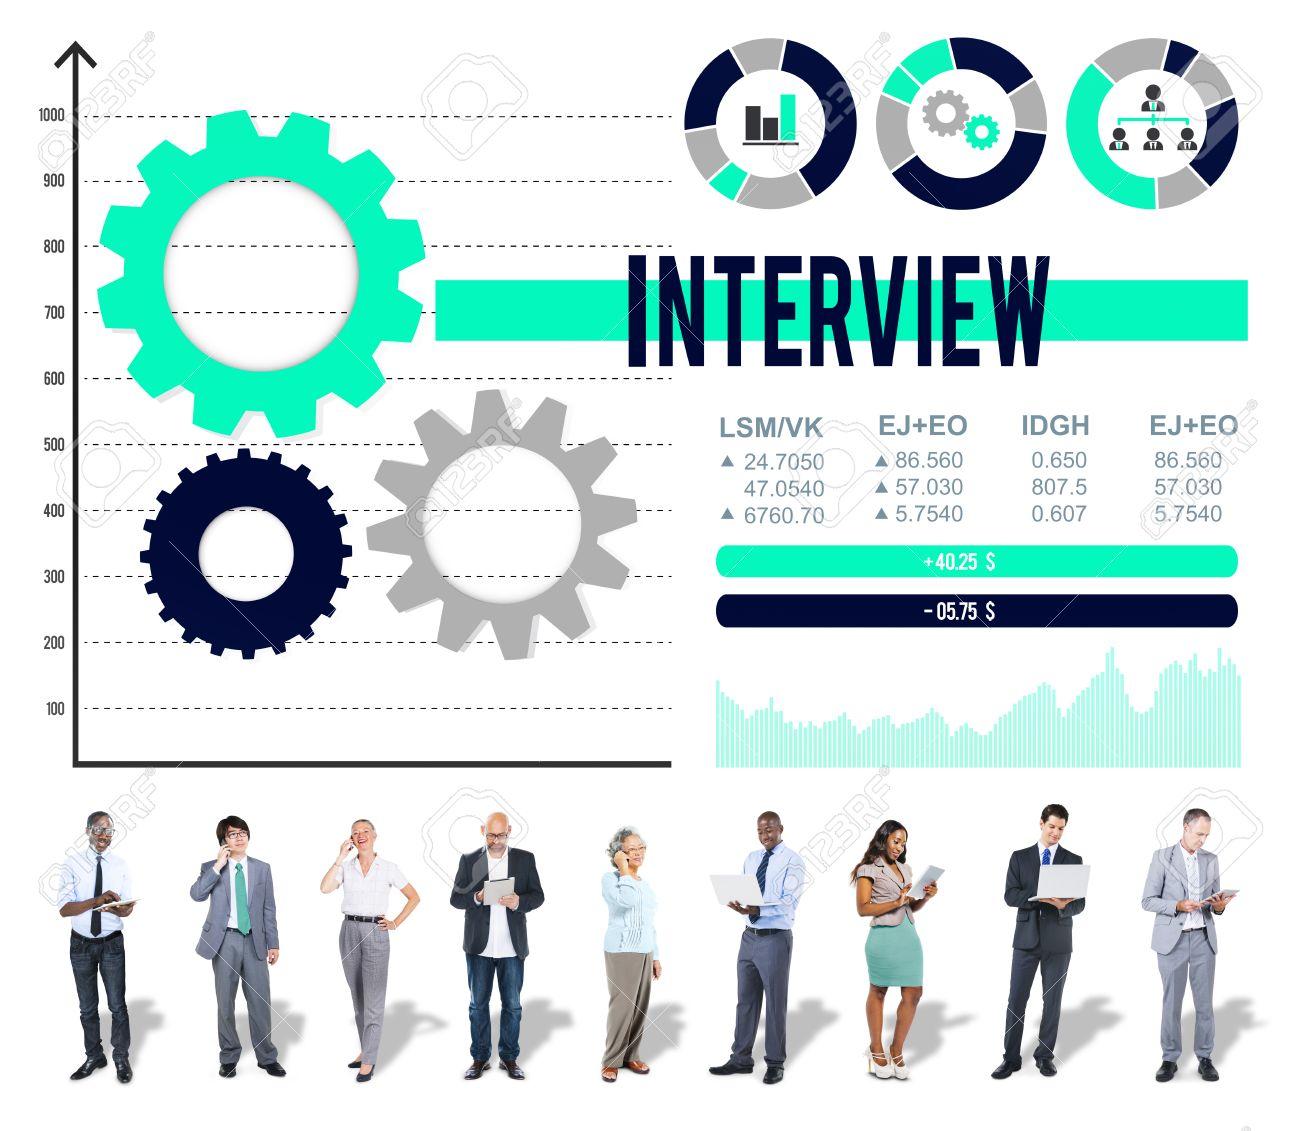 interview preparation interviewer journalism ideas concept stock interview preparation interviewer journalism ideas concept stock photo 41340867